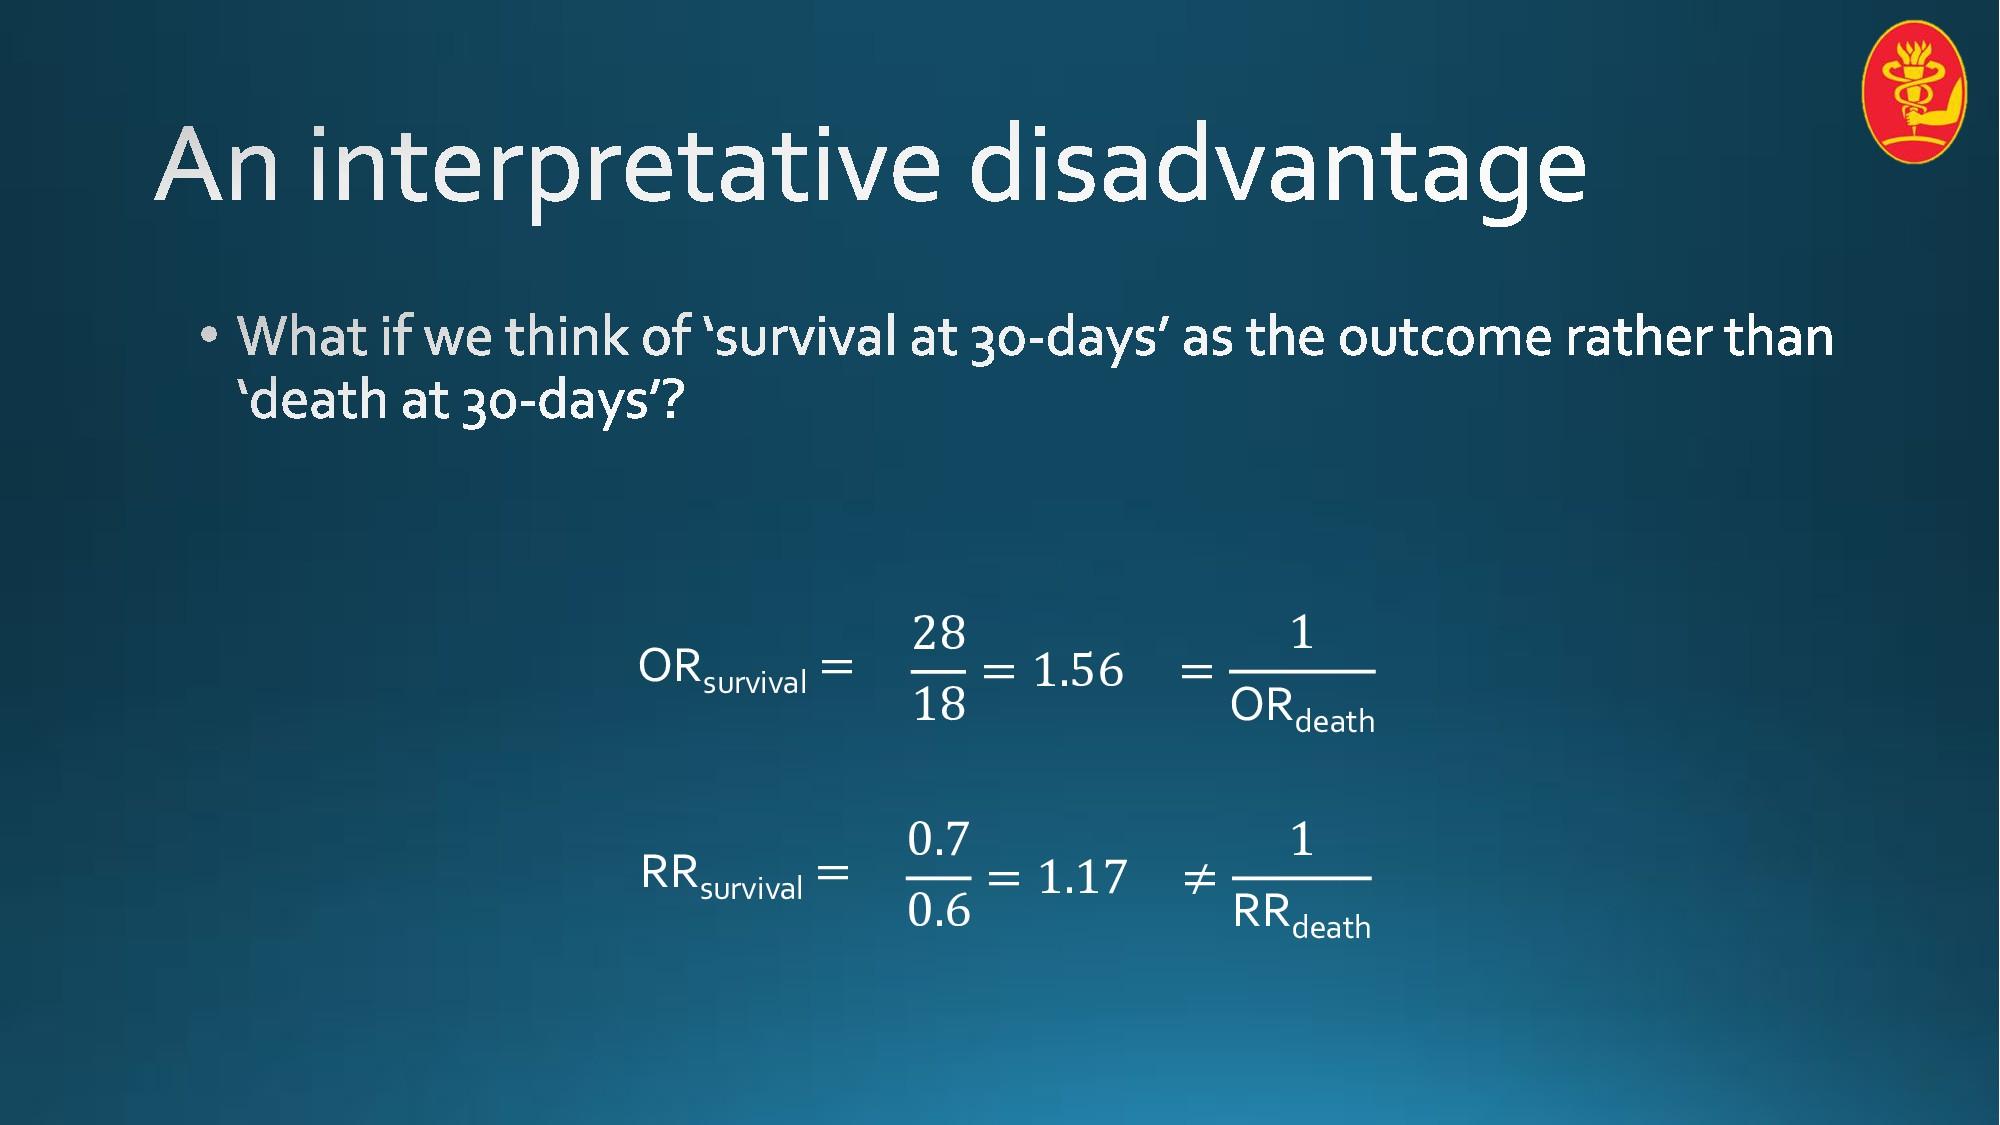 RRsurvival = 0.7 0.6 = 1.17 ≠ 1 RRdeath ORsurvi...